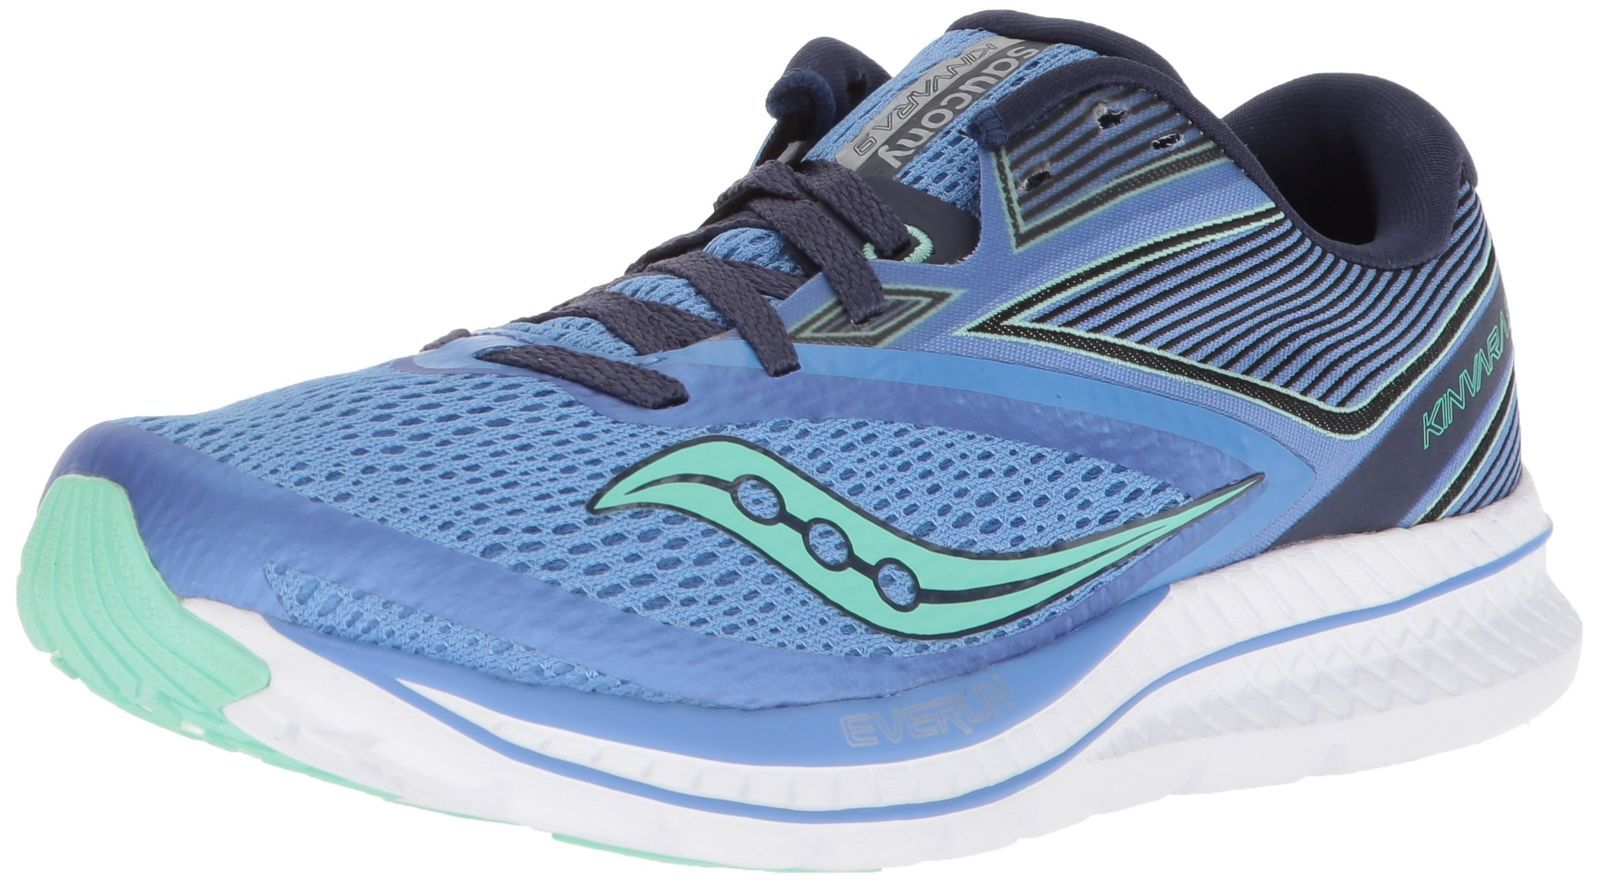 Hot Sale: Saucony Women's Kinvara 9 Running Shoe, Vizi red